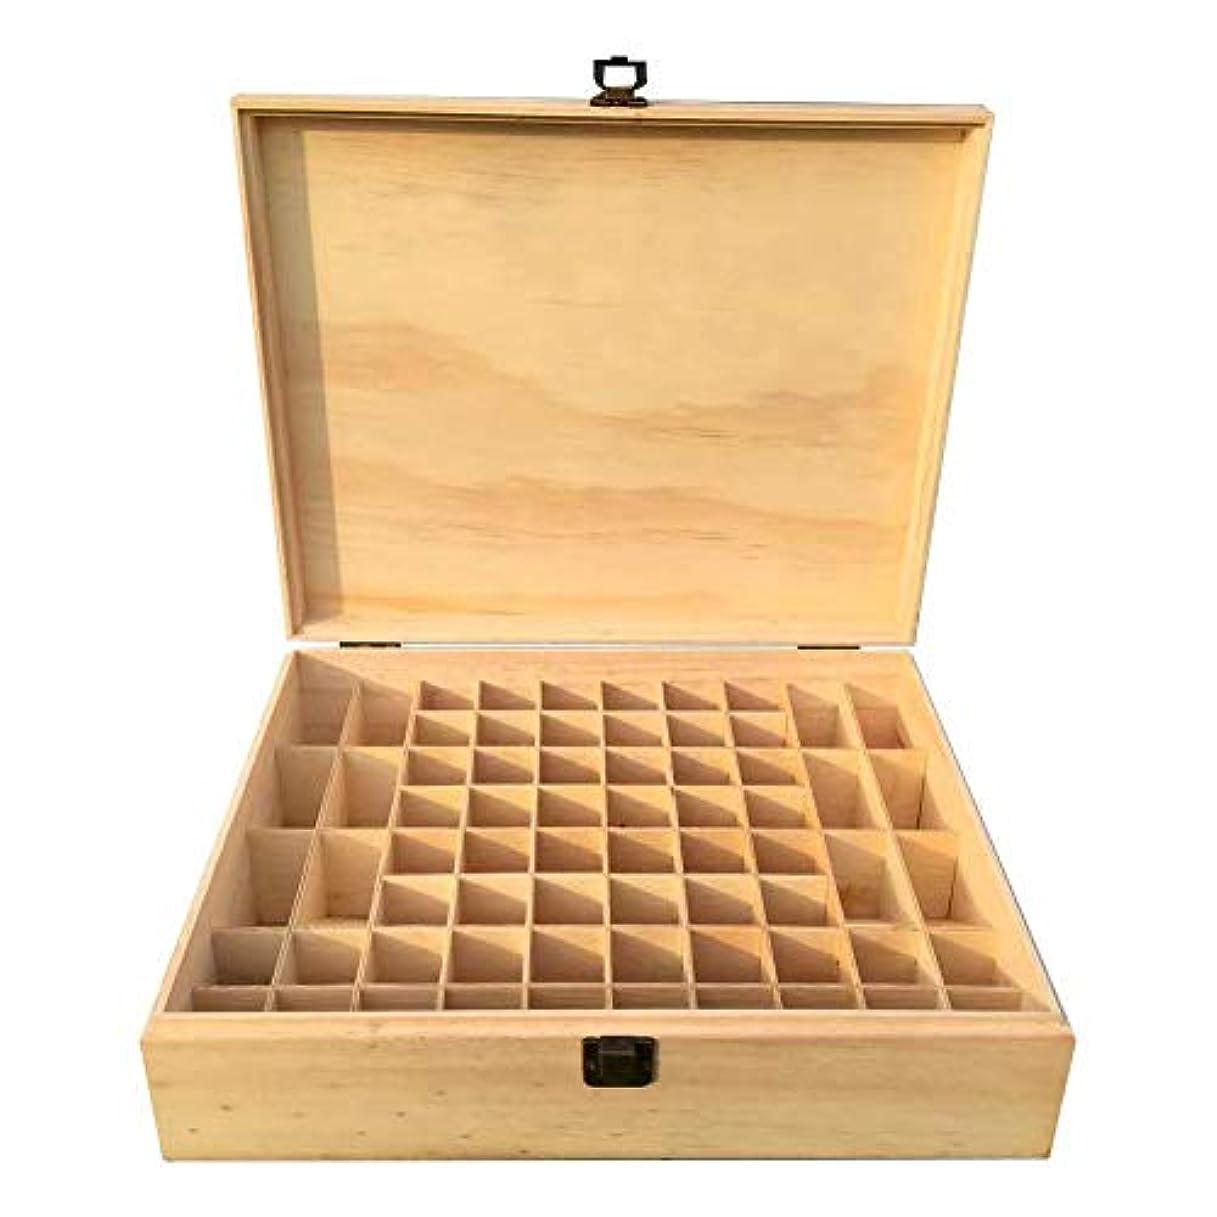 恥ずかしさ高める咳木製エッセンシャルオイル収納ボックス 精油収納ケース 68グリッド 大容量 5~15MLボトル用 junexi